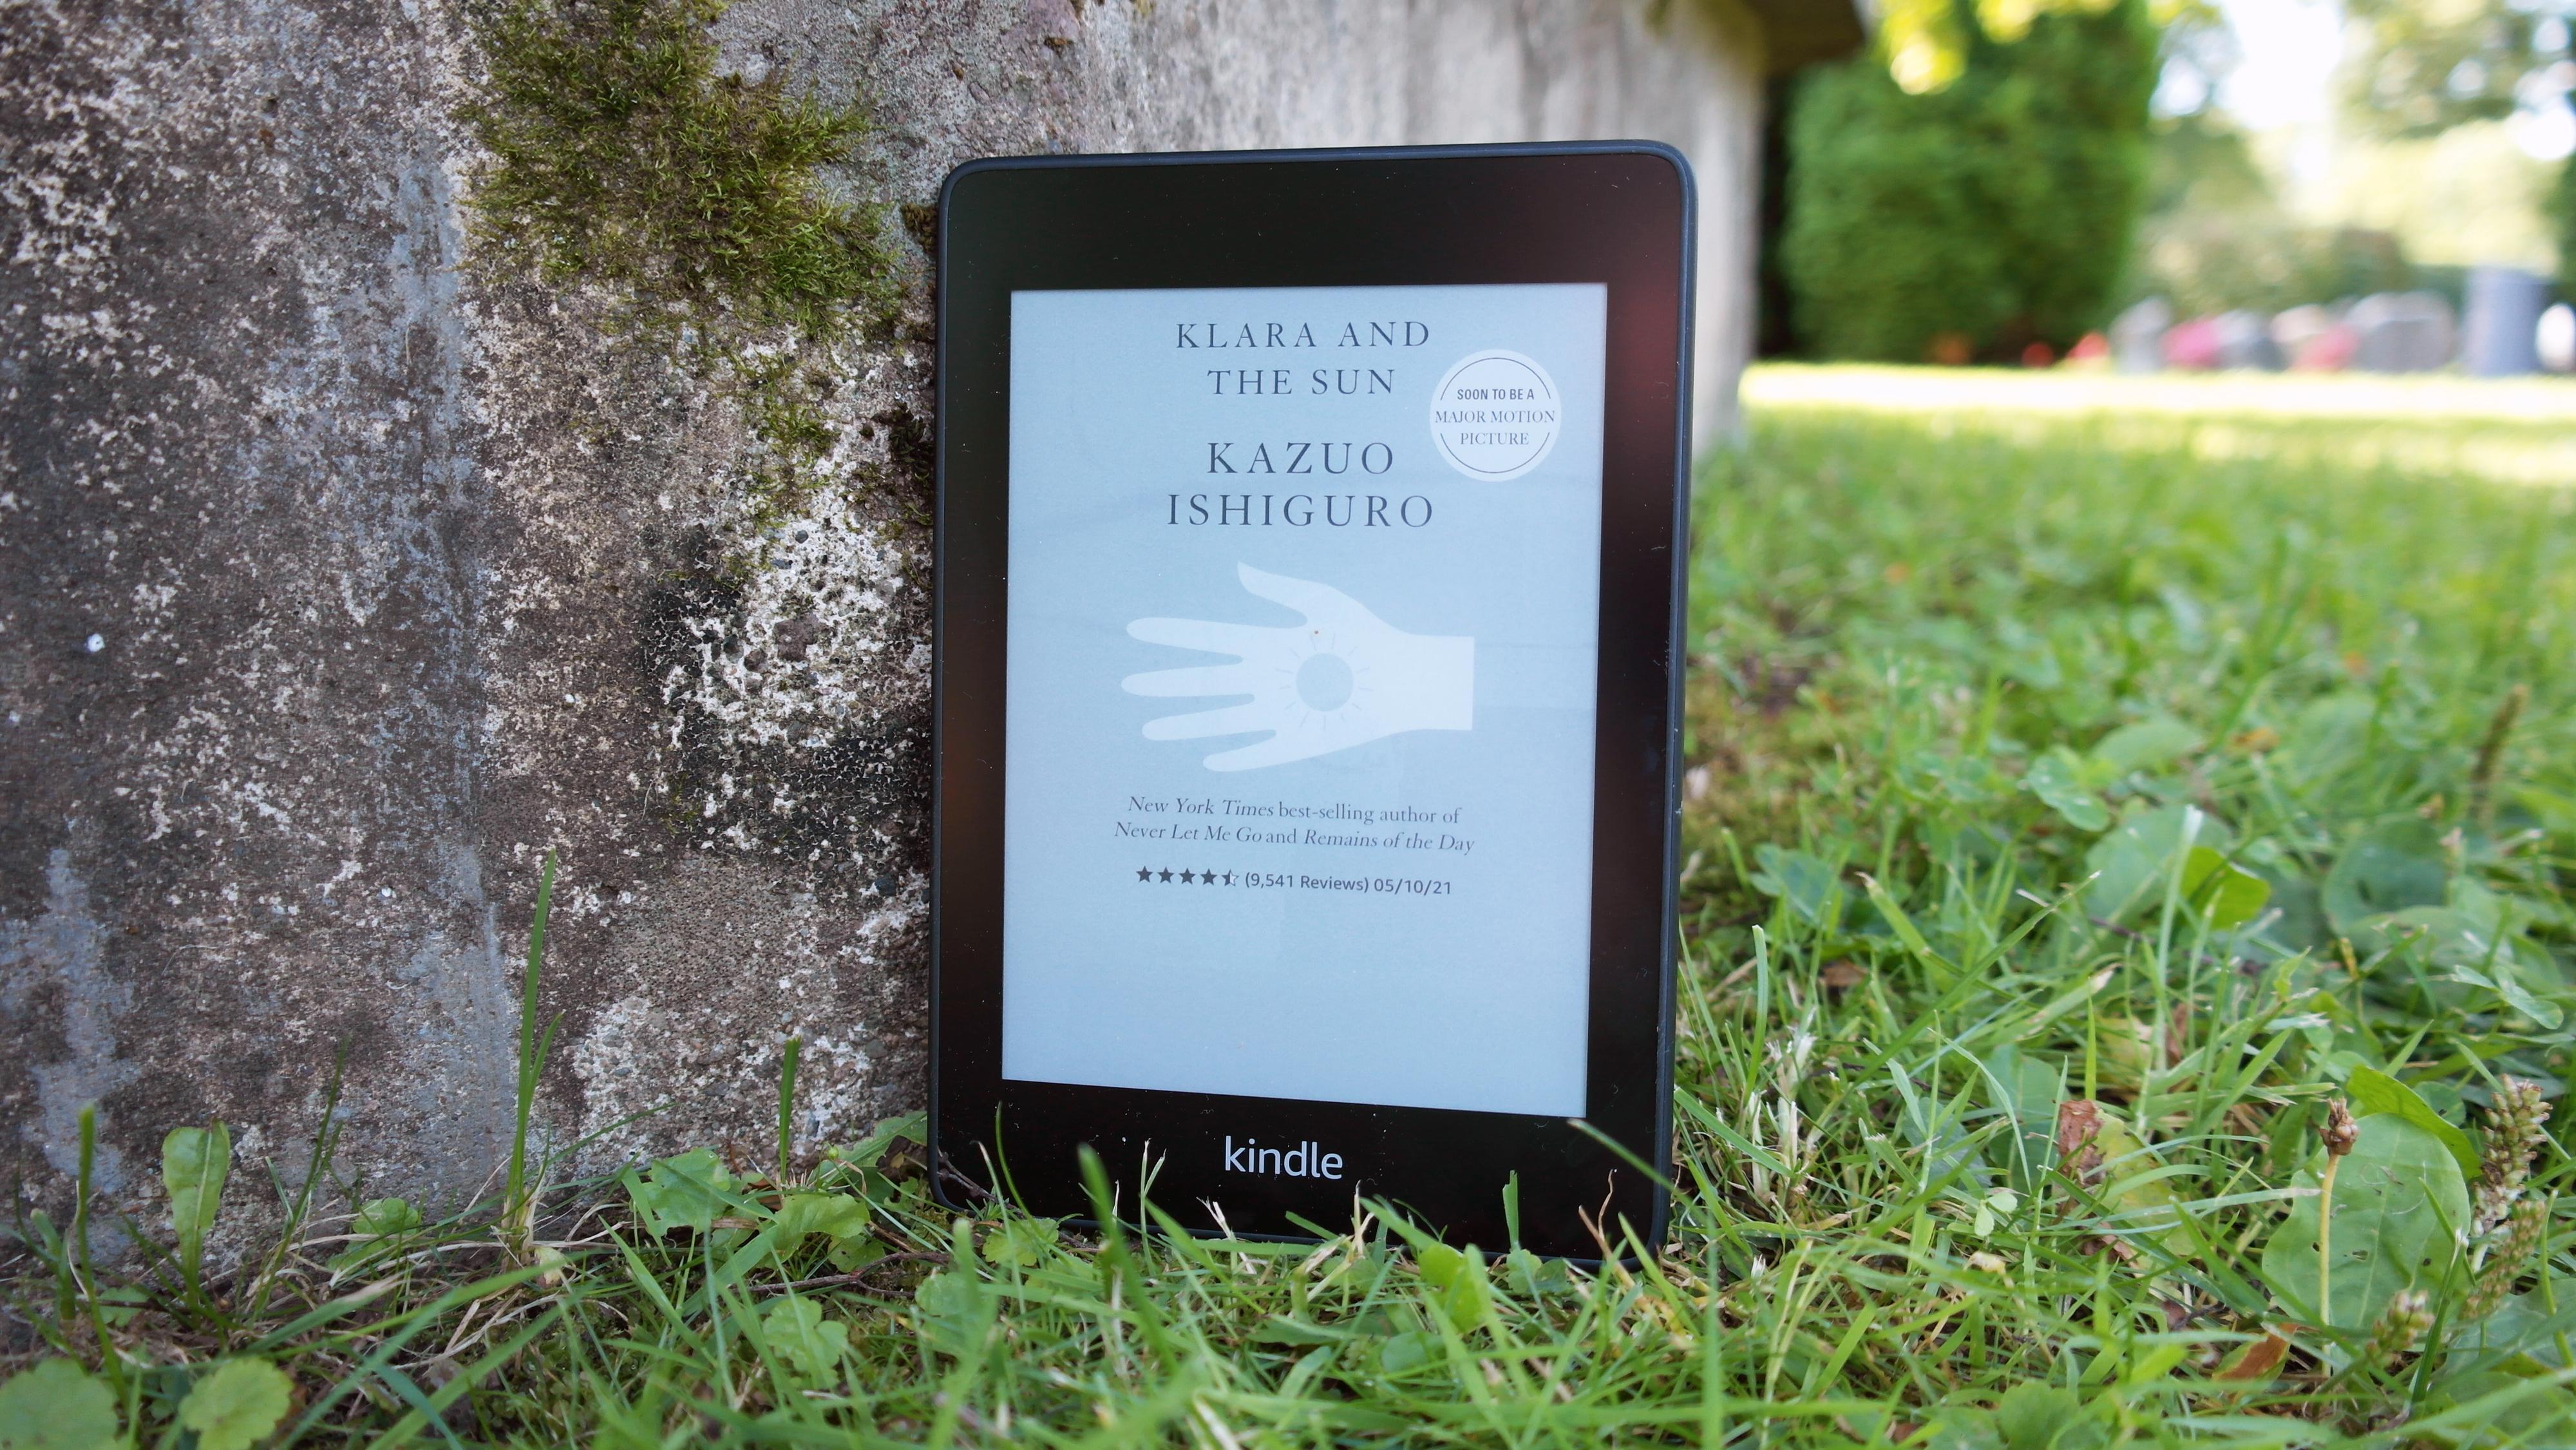 Kindle Paperwhite 4 er tilsynelatende snart ikke lenger siste versjon - en versjon fem ser ut til å være på vei.